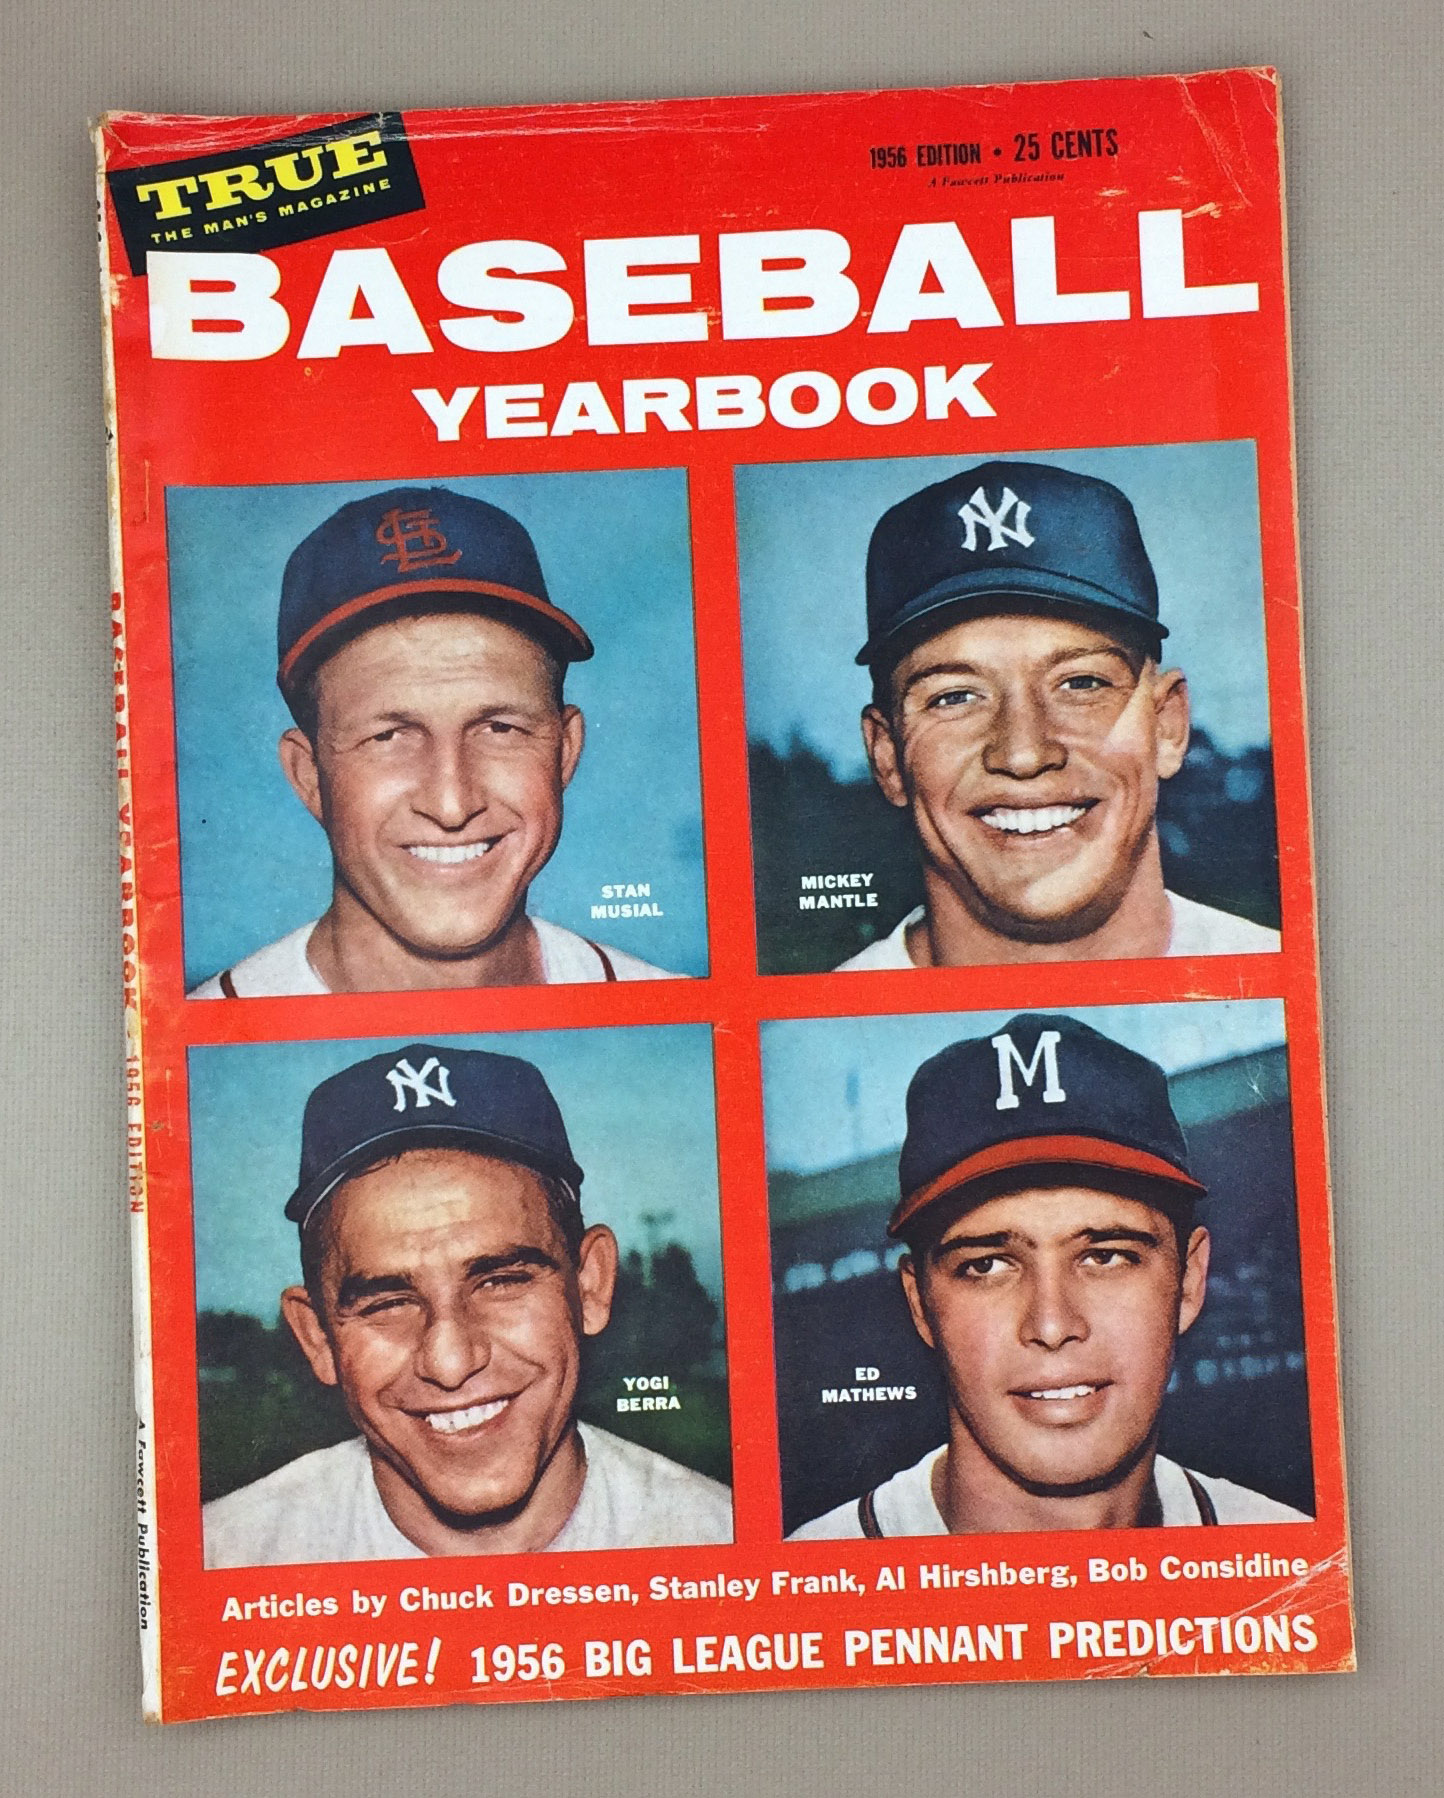 BASEBALL YEARBOOK Magazine 1956